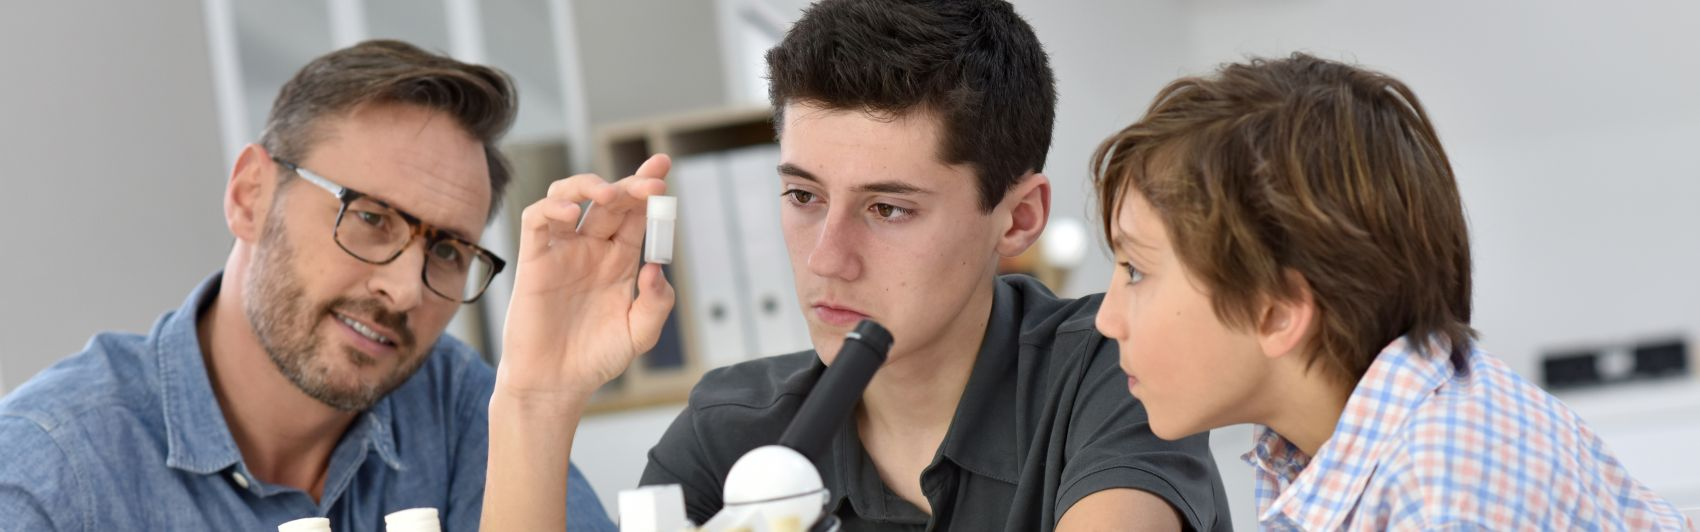 Schüler diskutieren mit einem Lehrer über einen Versuch